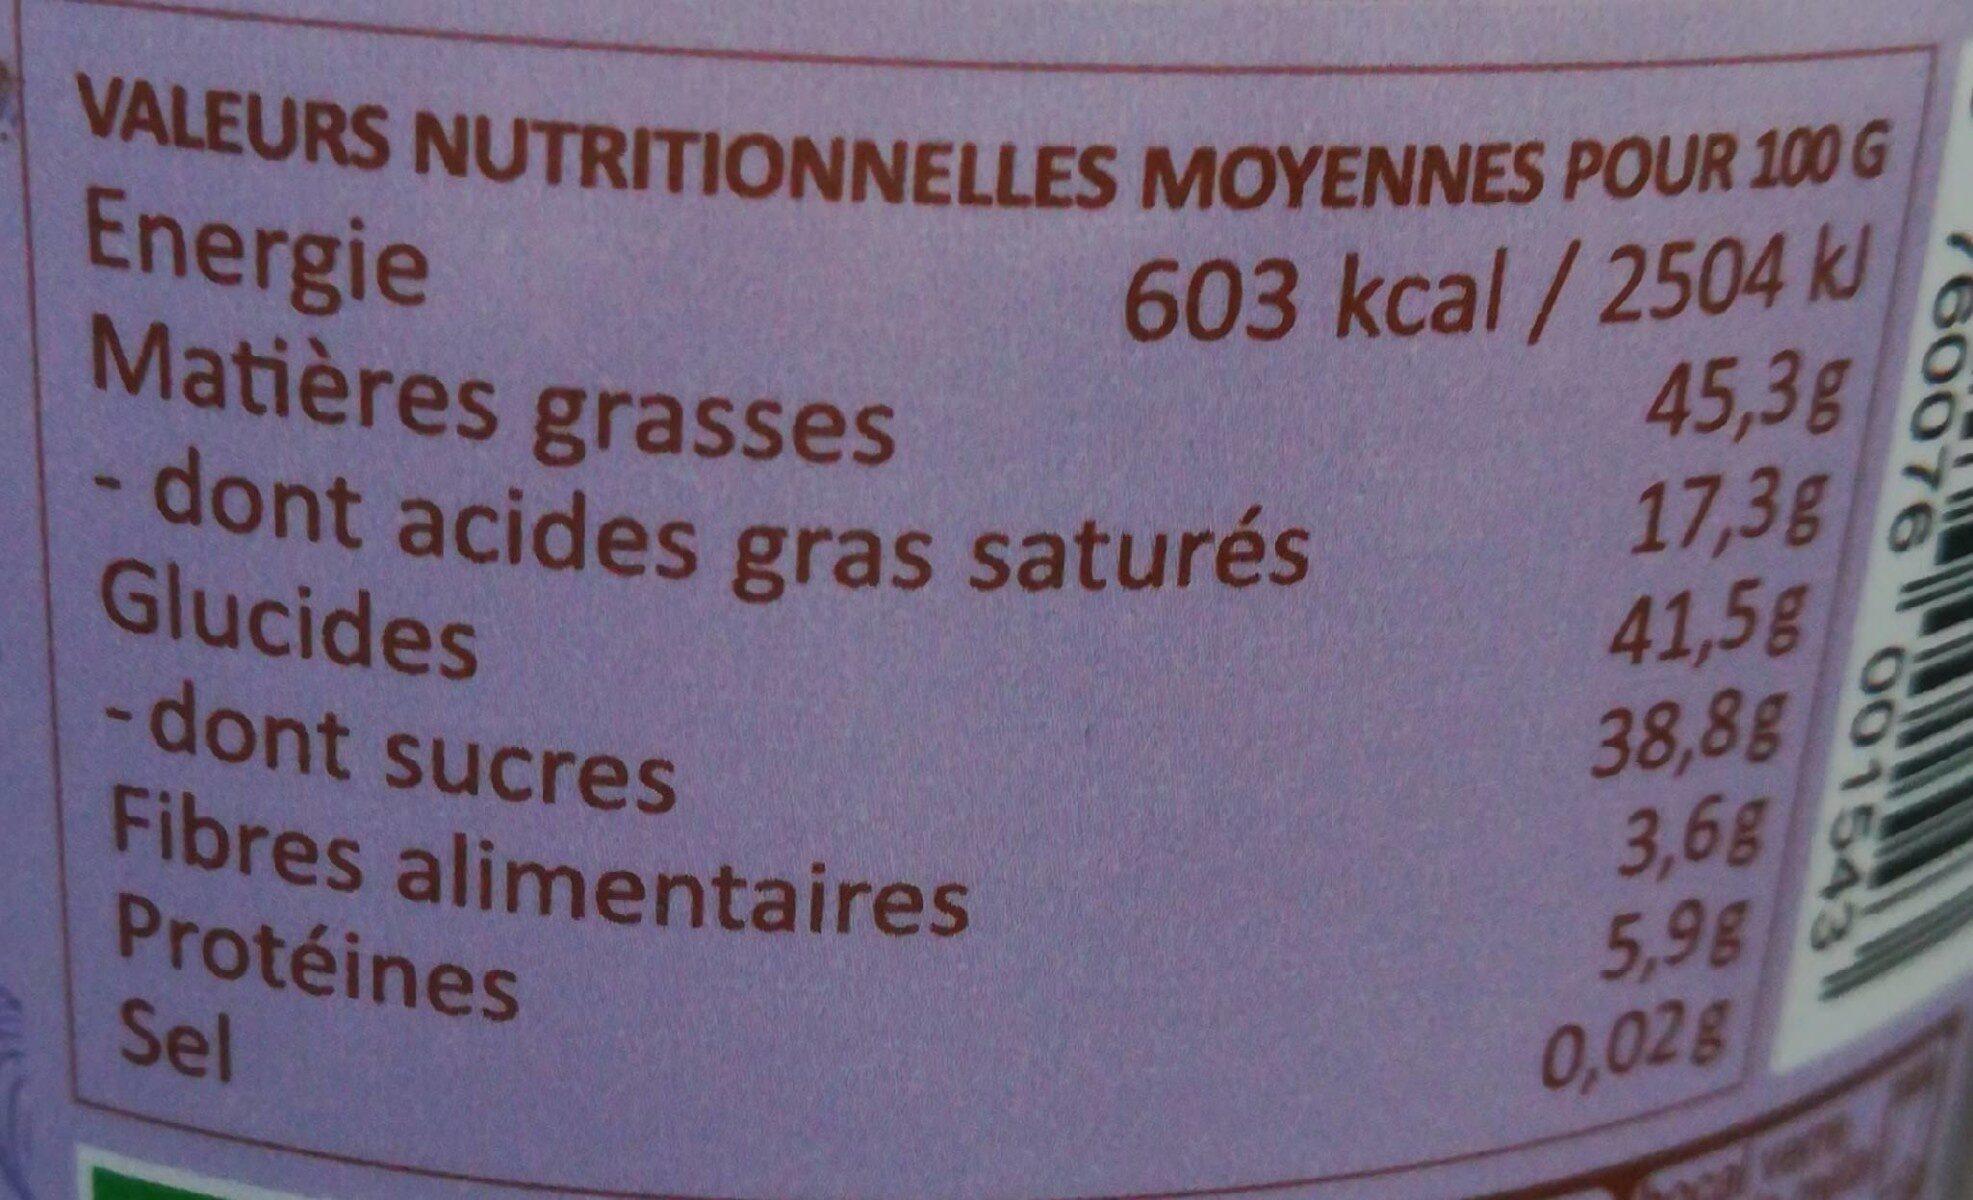 Choko linette (pâte à tartiner sans lait) - Informations nutritionnelles